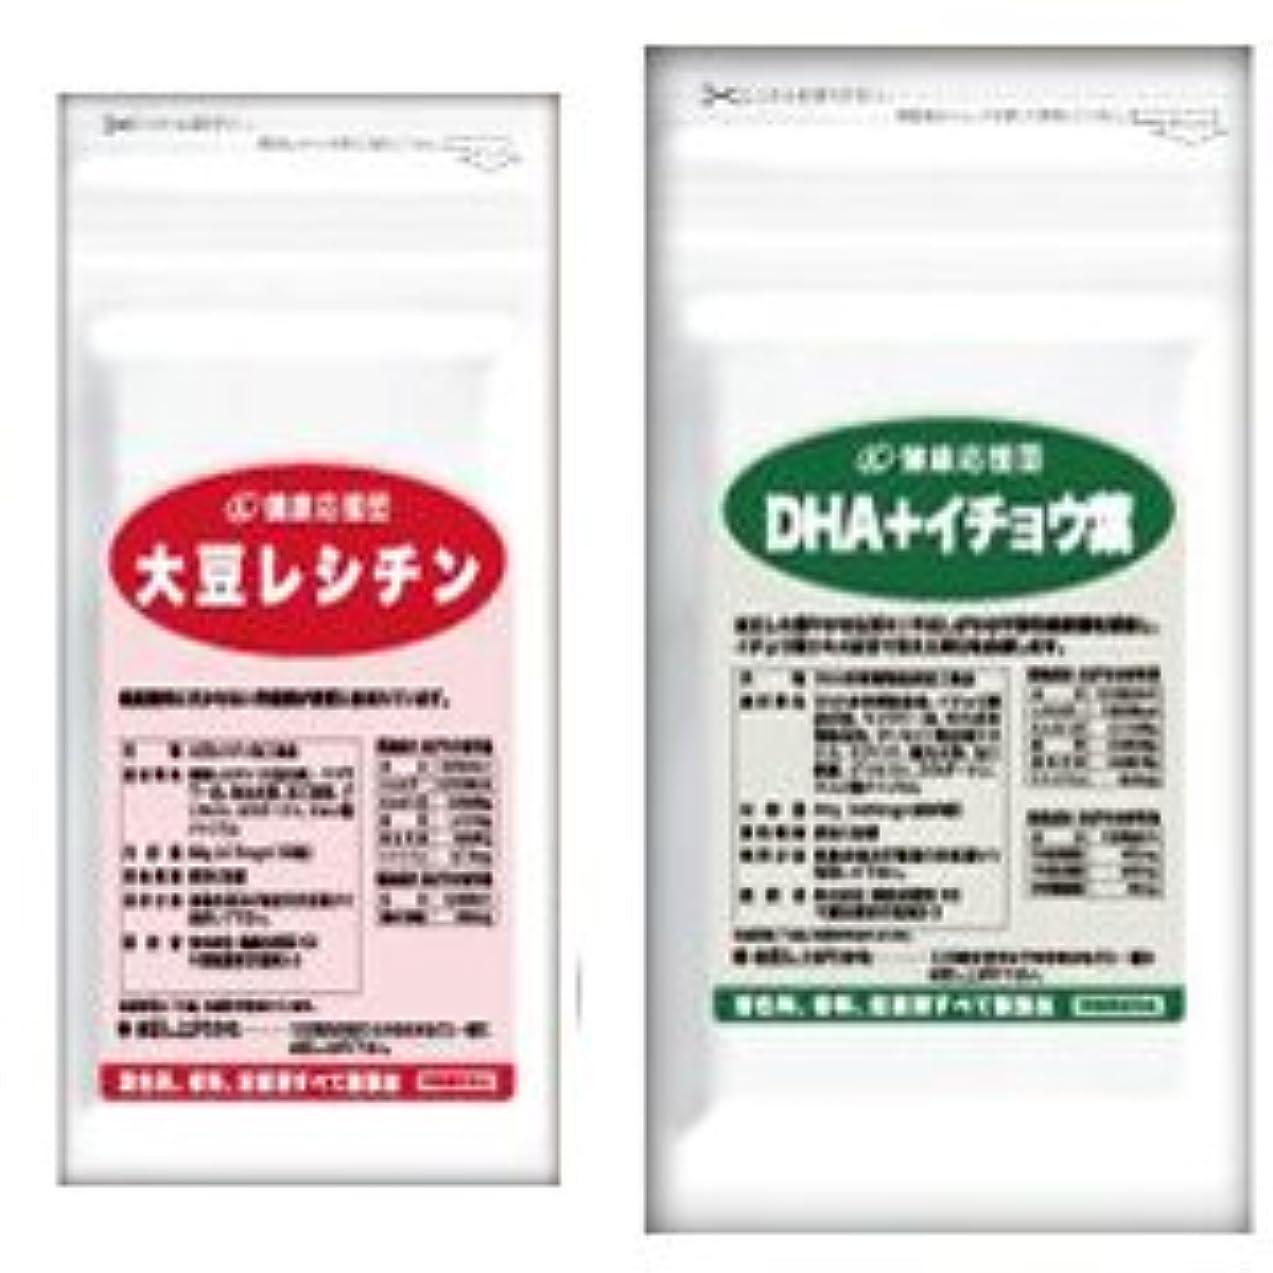 選出するキリンリーダーシップ流れサラサラセット 大豆レシチン+(DHA+イチョウ葉) (DHA?EPA?イチョウ葉)